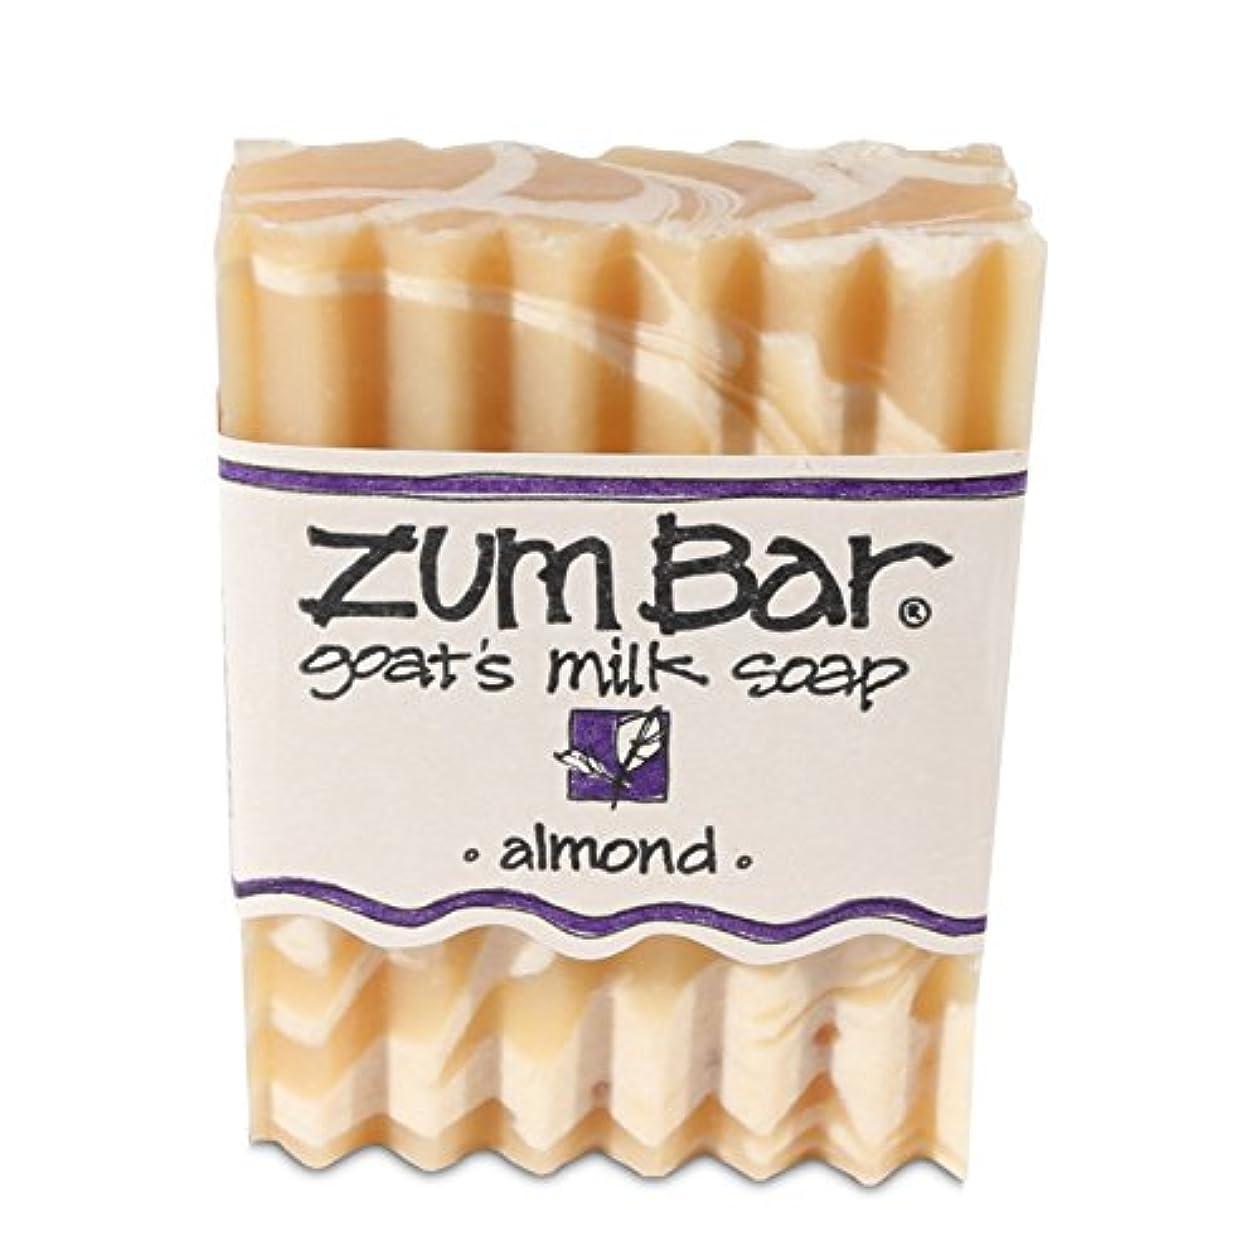 家畜レーザミルク海外直送品 Indigo Wild, Zum Bar, Goat's ミルク ソープ アーモンド , 3 Ounces (2個セット) (Almond) [並行輸入品]